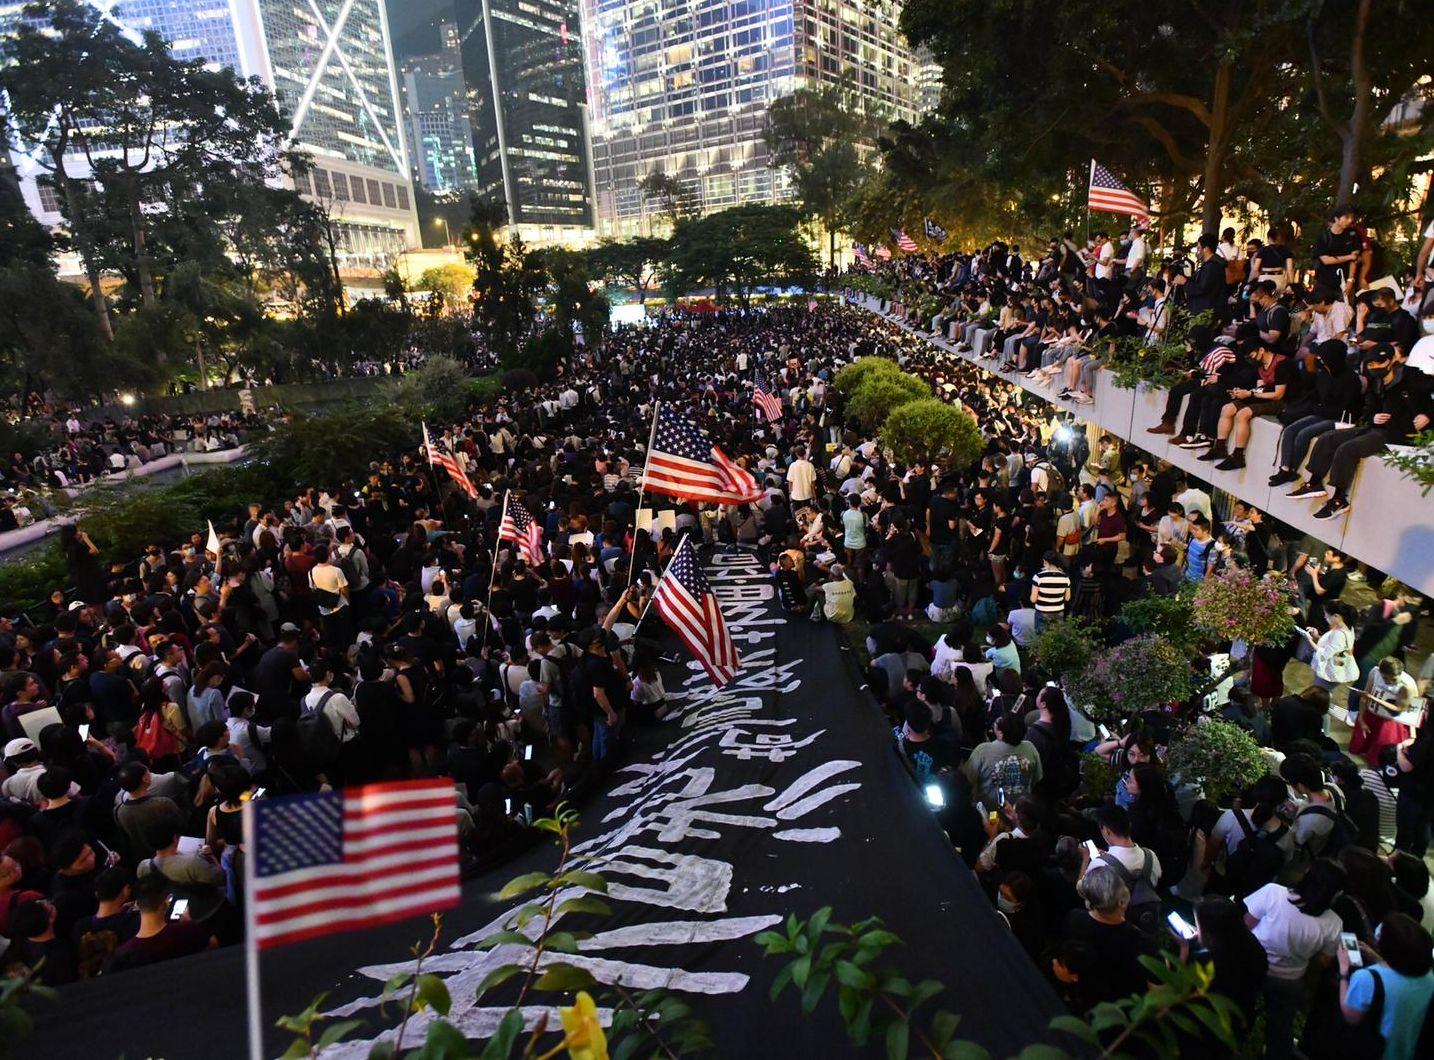 大會指13萬人參與遮打集會促美通過人權民主法案 警方:最高峰2.52萬人